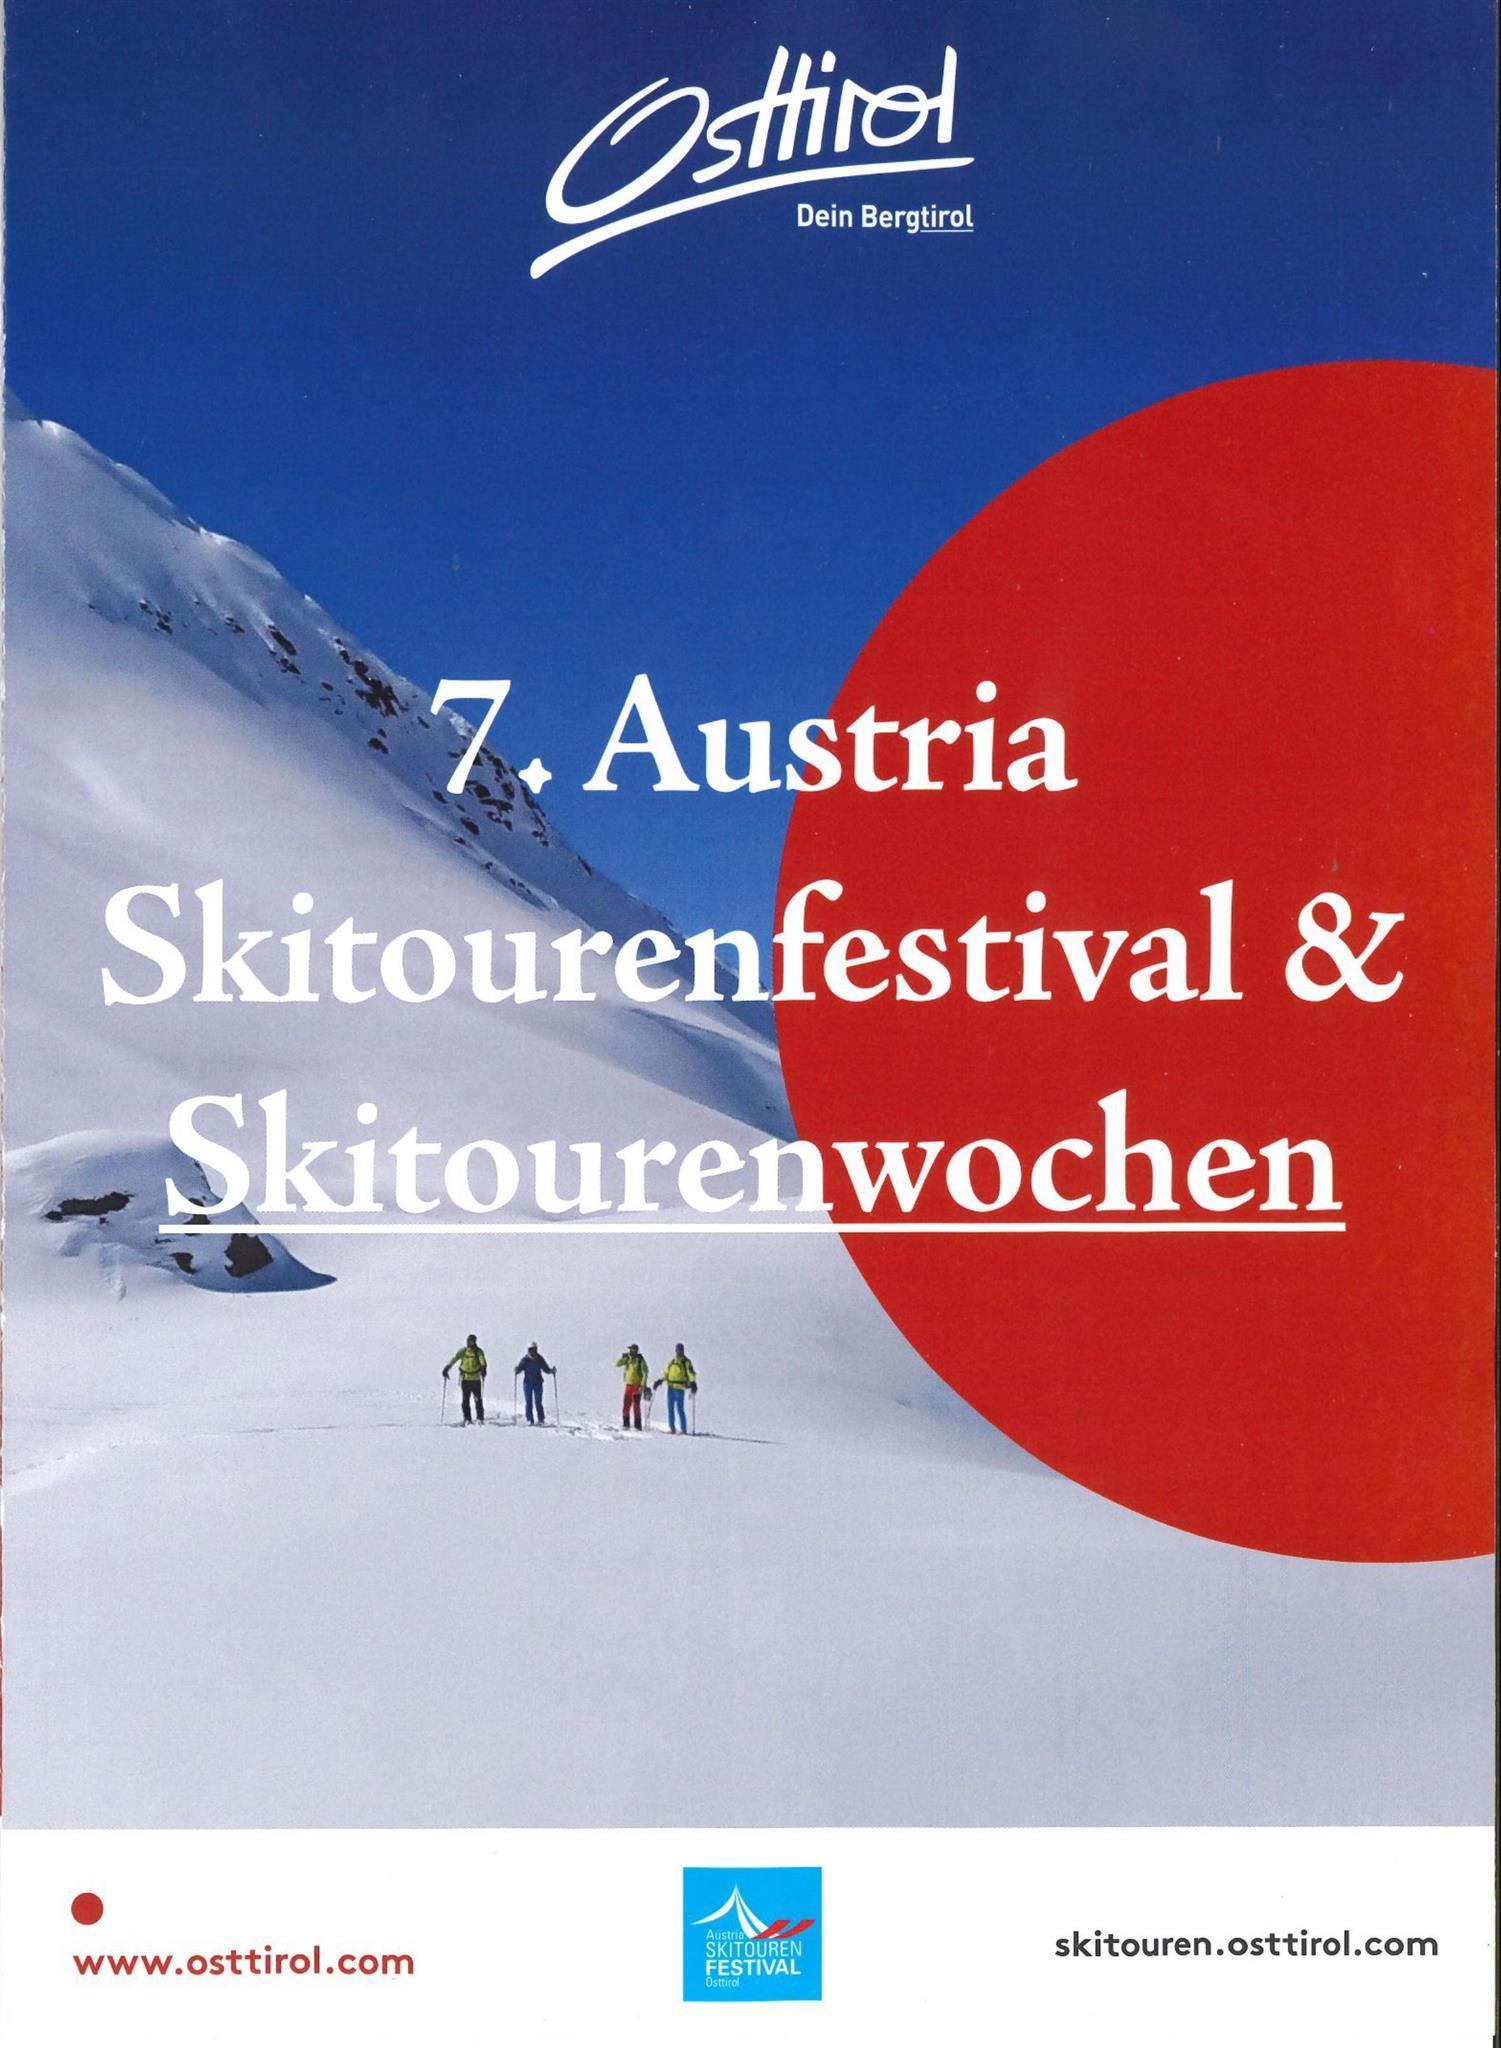 Skitourenwochen.jpg